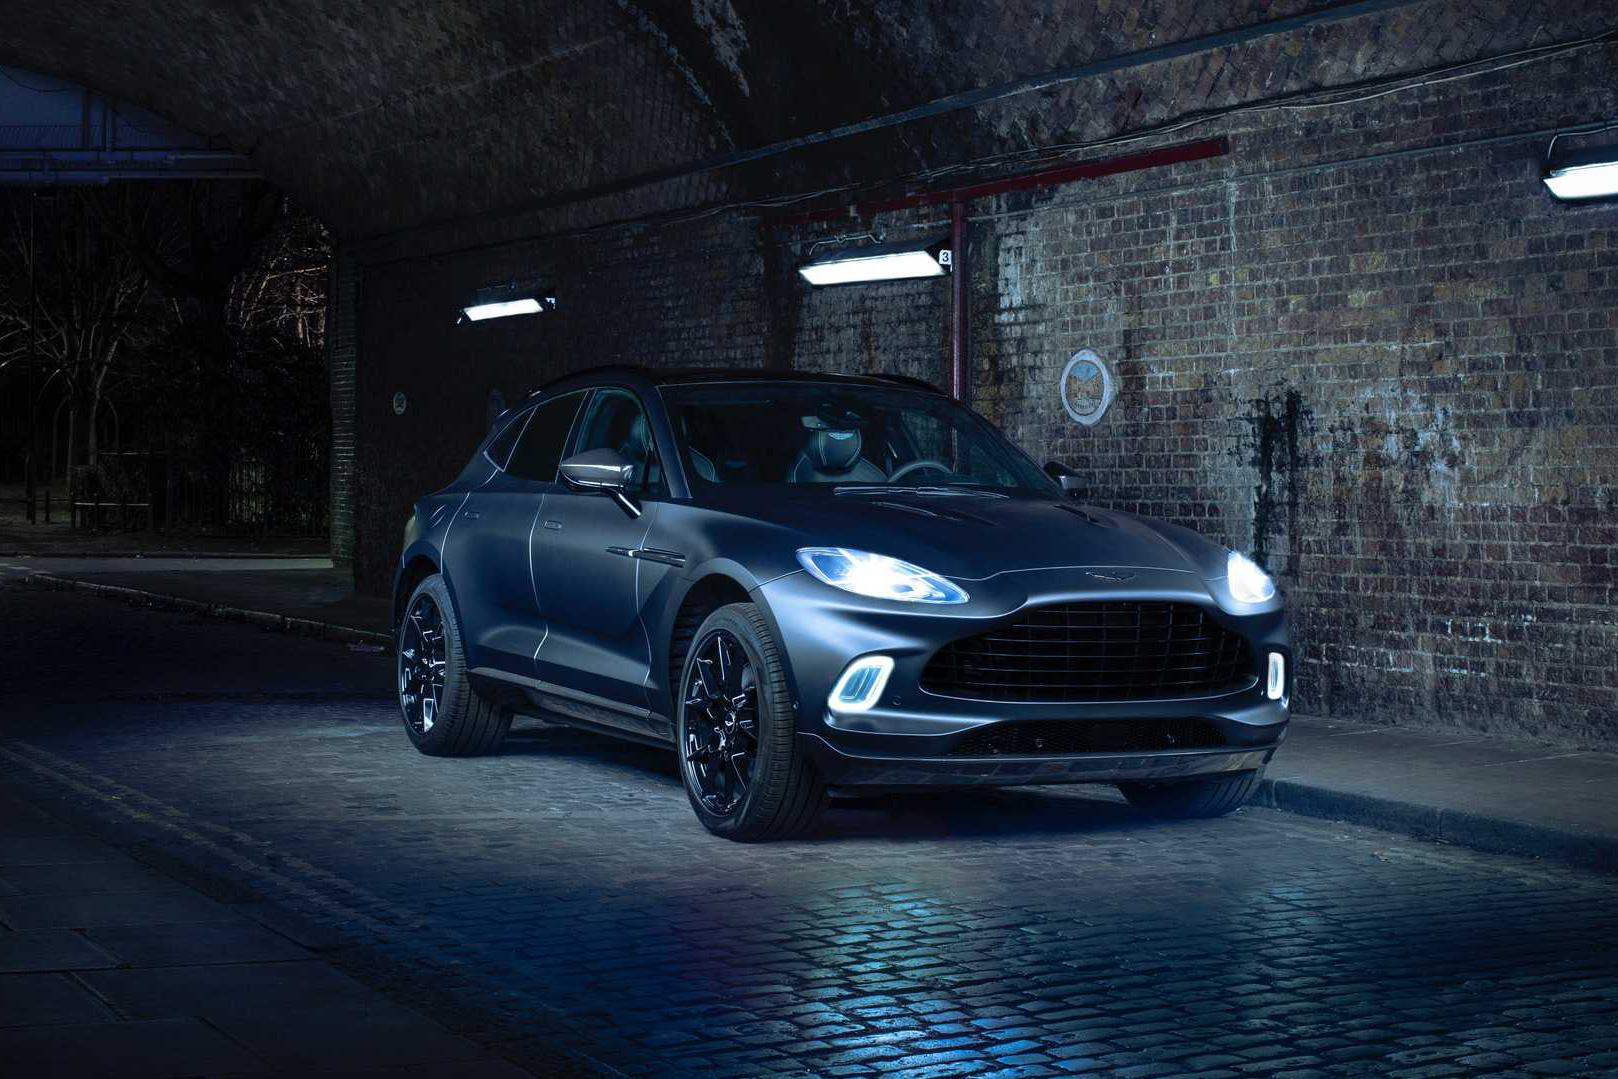 Aston Martin hạ giá khủng cho DBX và Vantage - Cơ hội hiếm cho giới đại gia